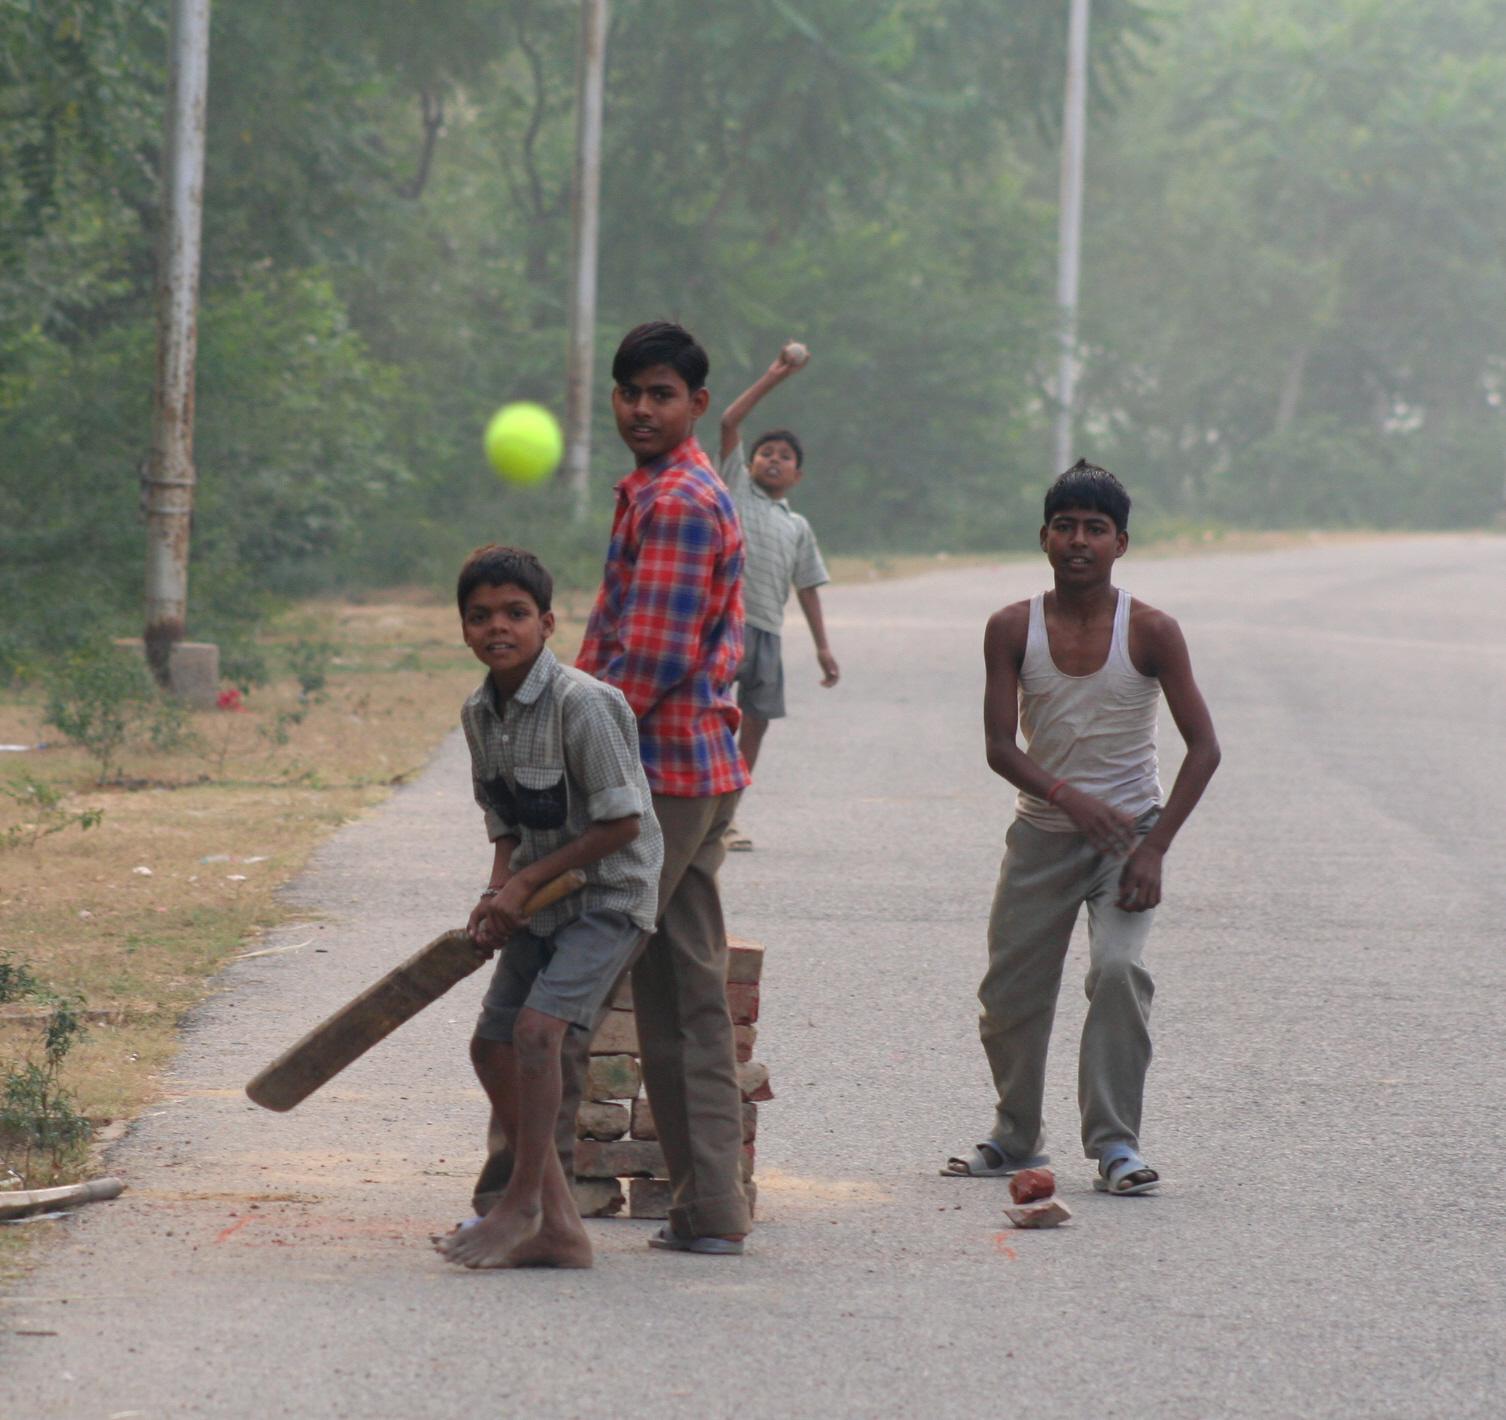 Light Tennis Ball Tournament